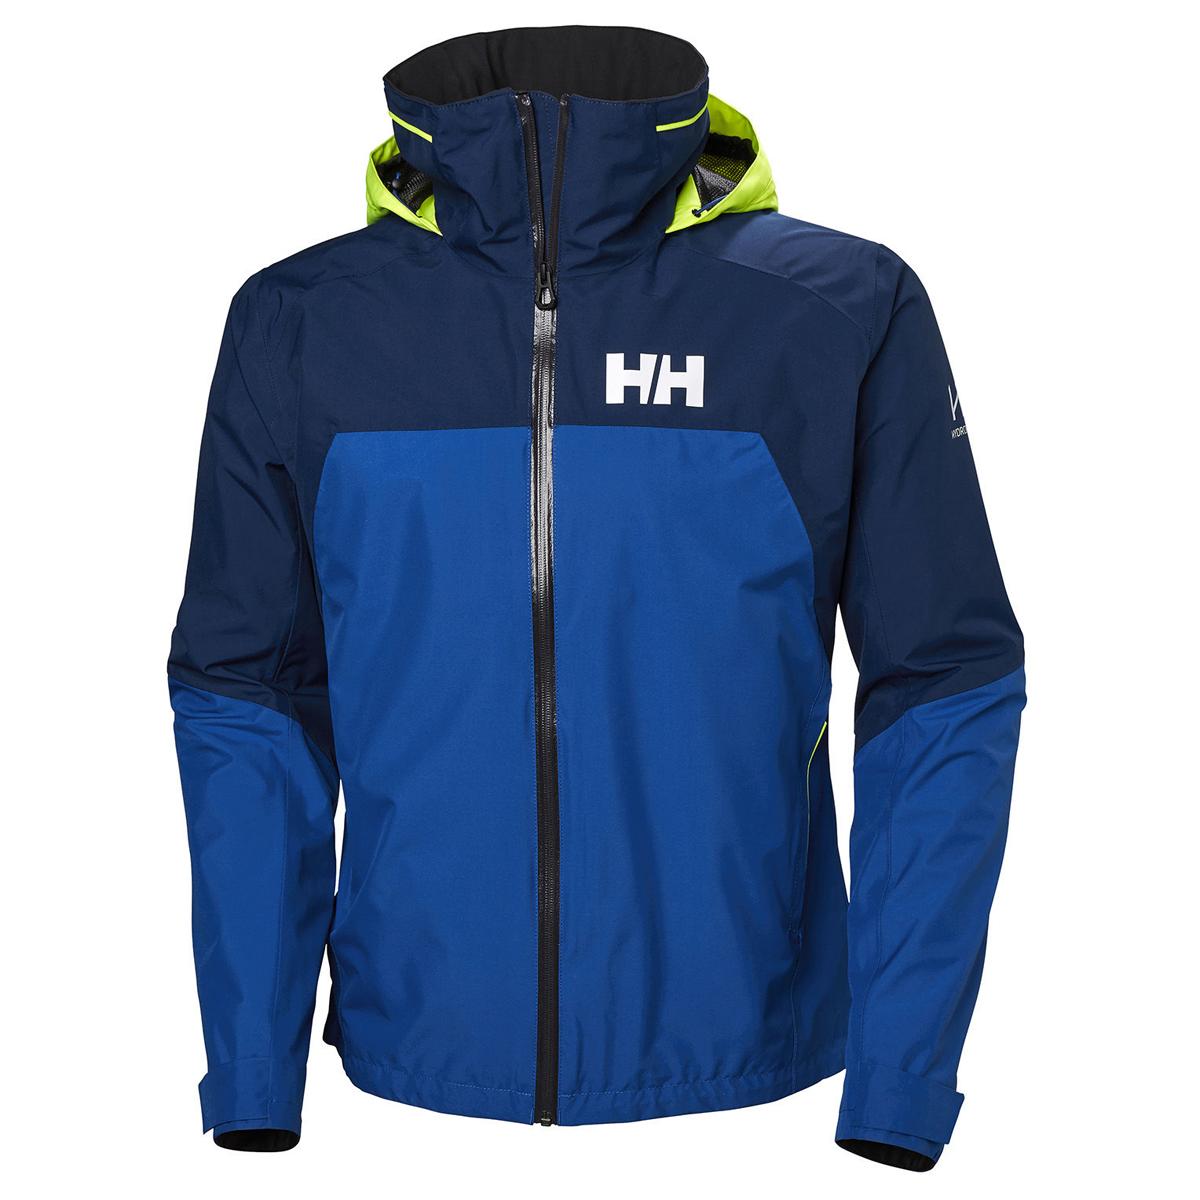 Helly Hansen Fjord Inshore Jacket (34009)